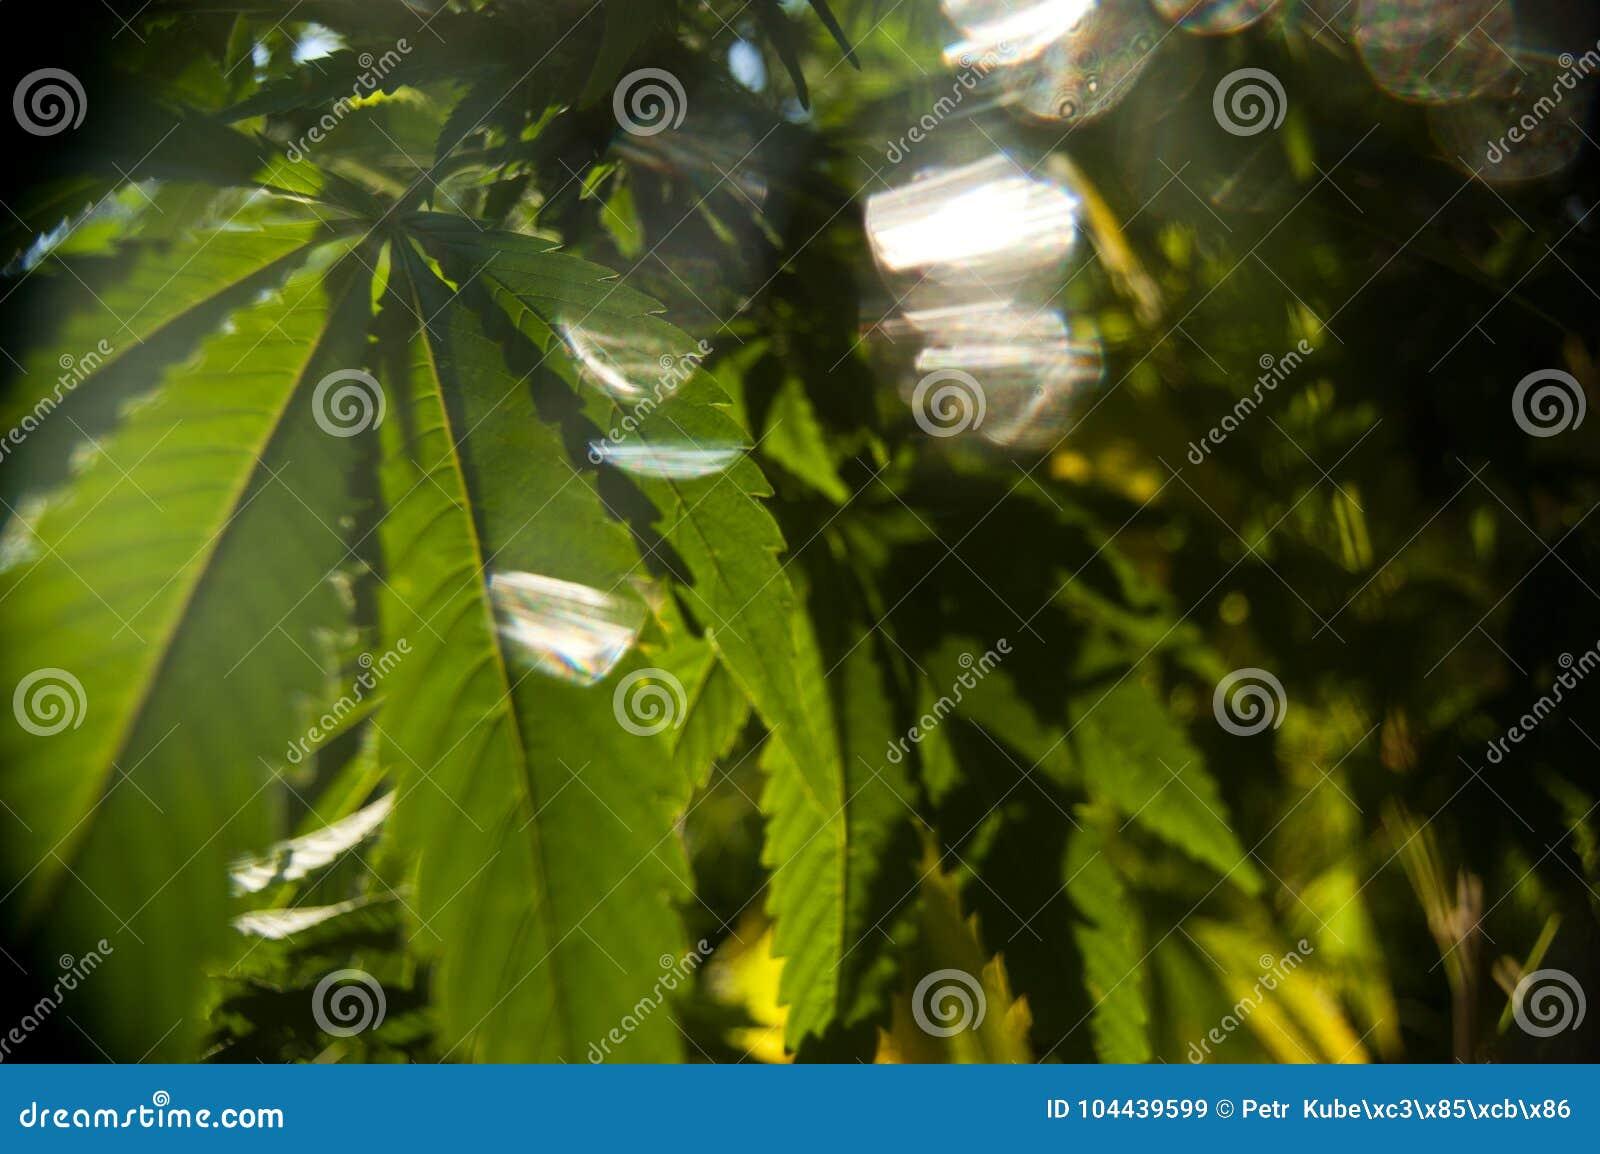 Le foglie di marijuana abbagliano nel lustro eterno del sole